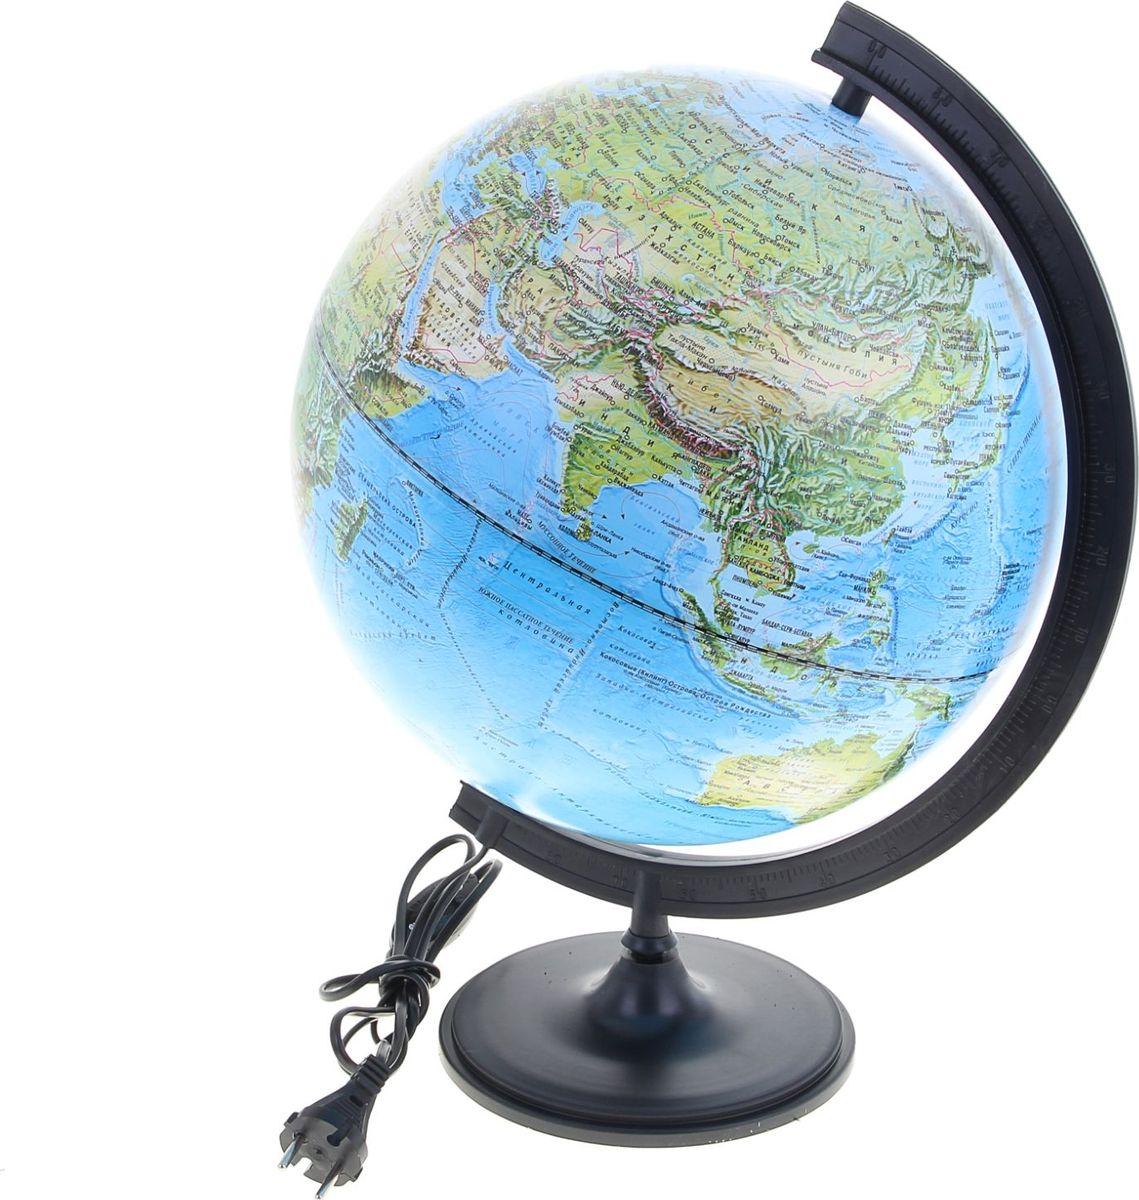 Глобусный мир Глобус ландшафтный с подсветкой диаметр 32 см 1077871